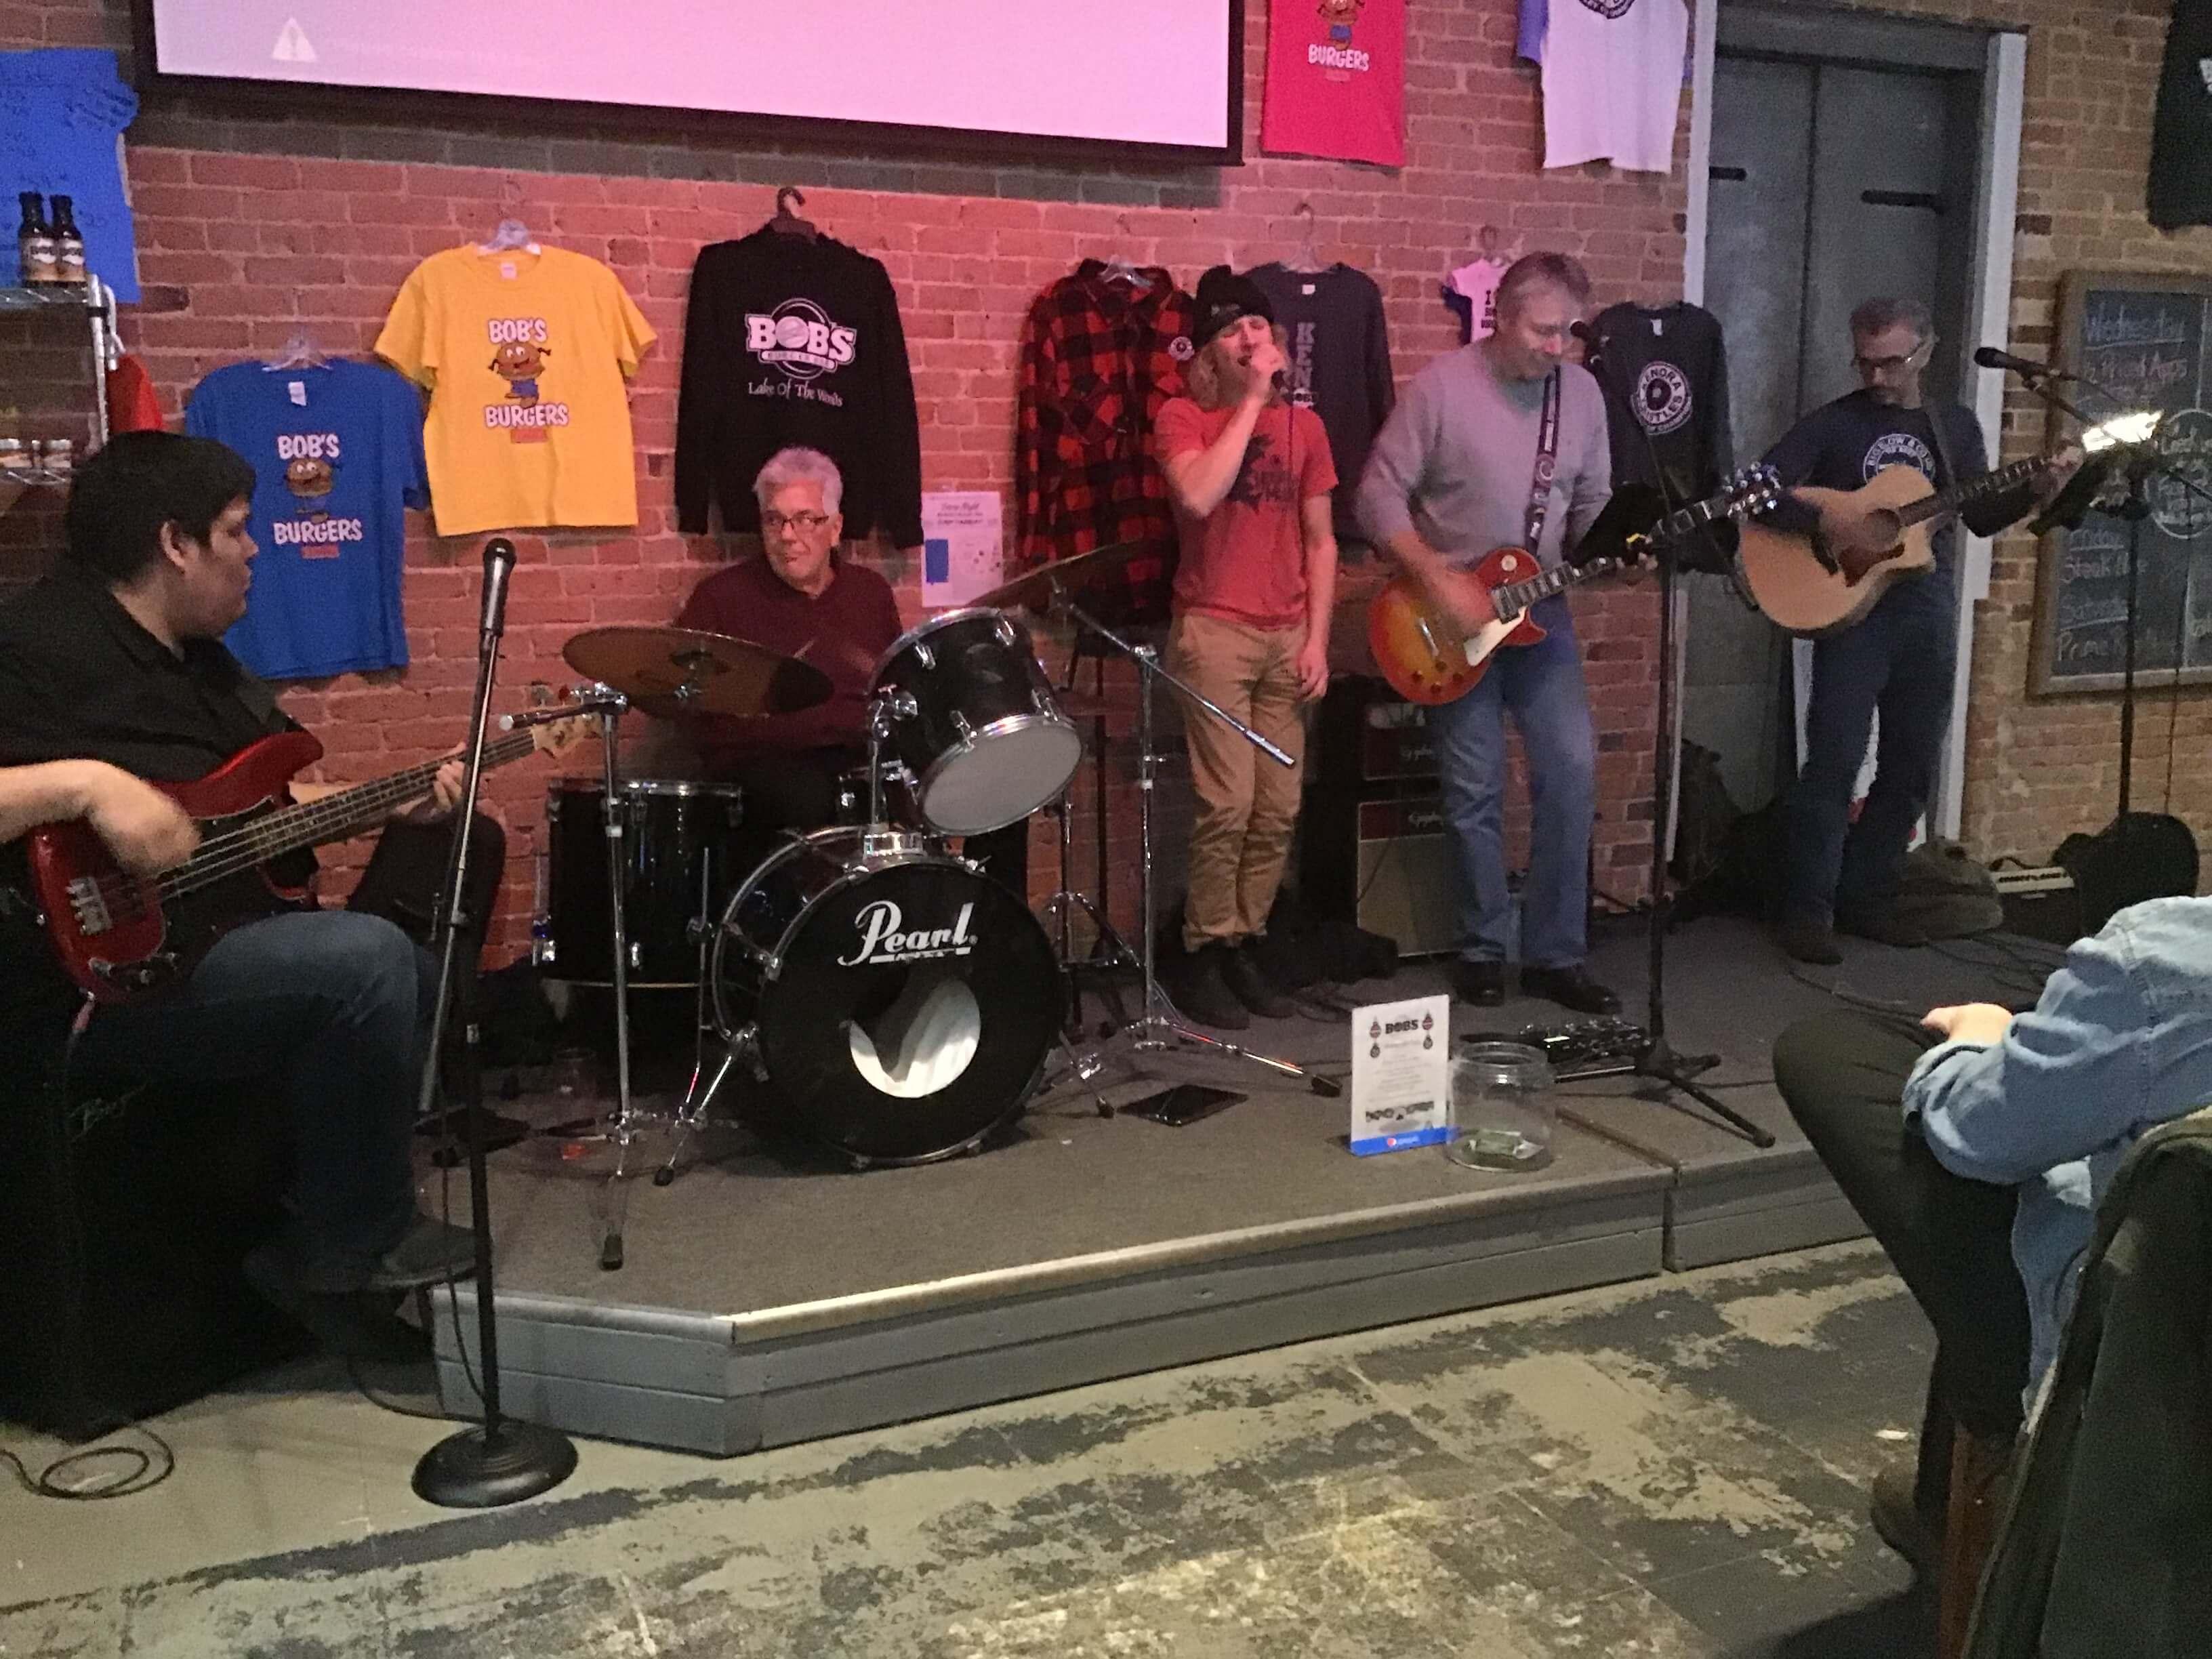 Live music at Bob's